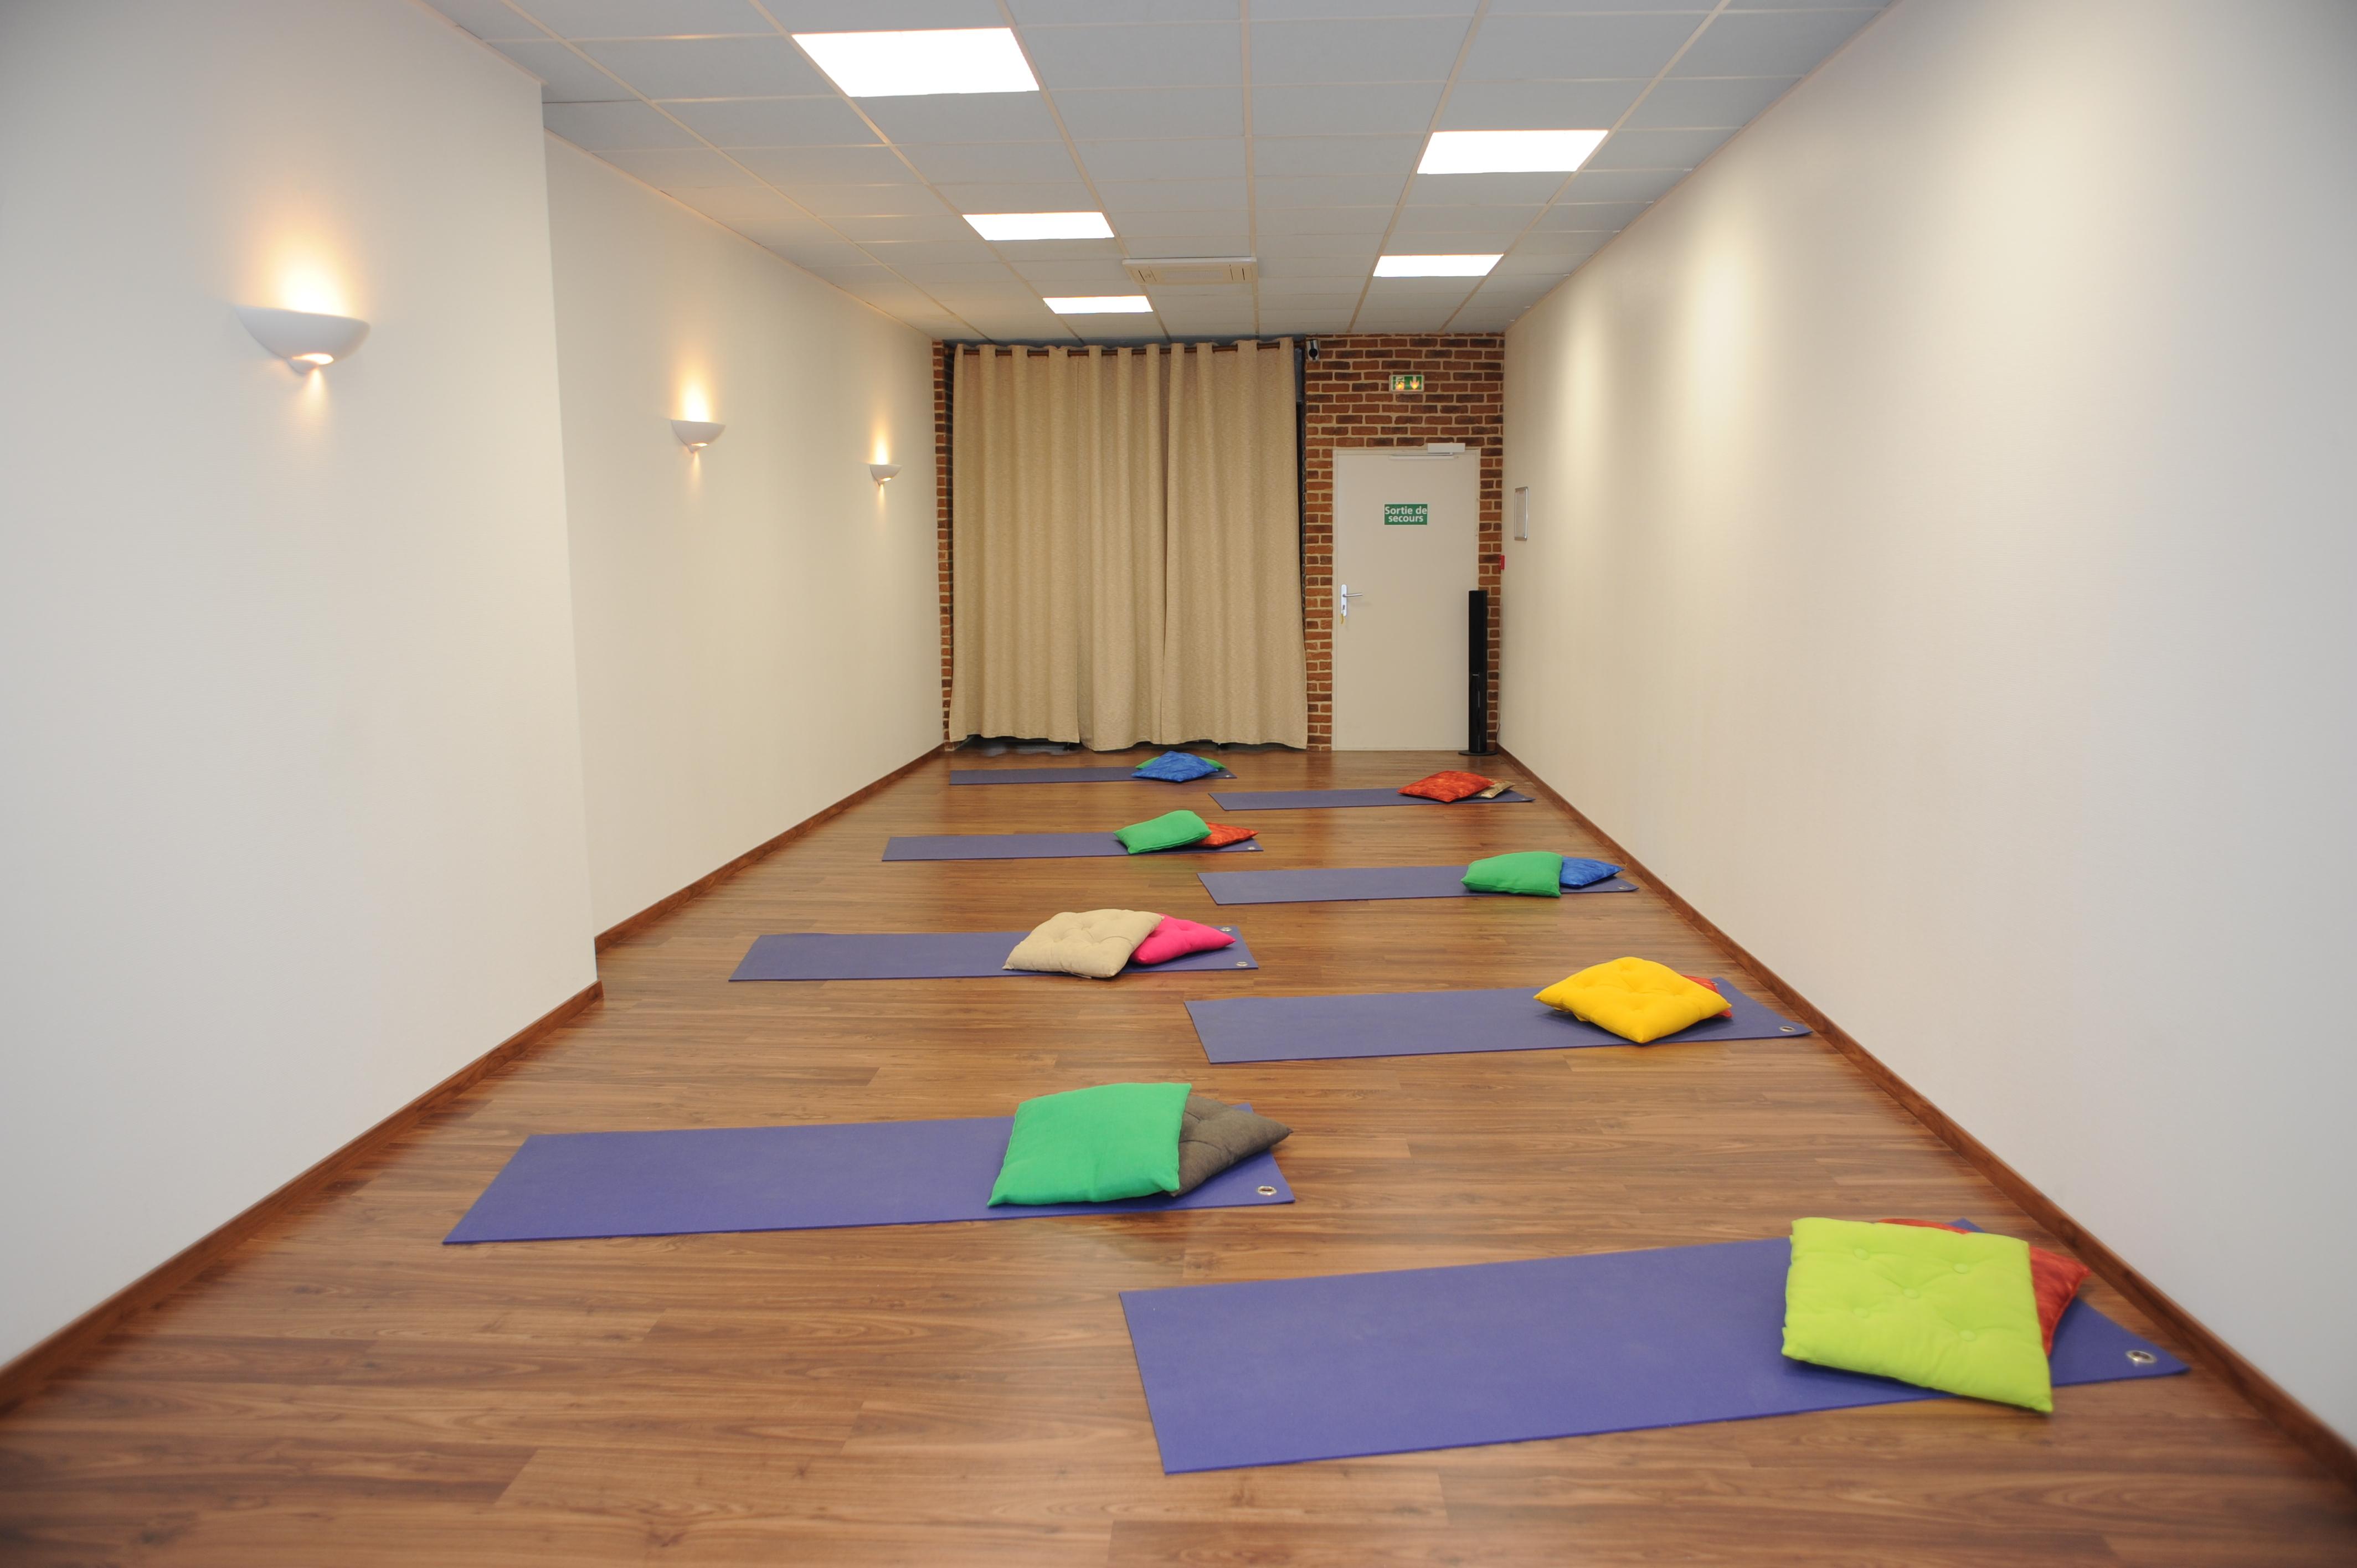 Salle de yoga relaxation m ditation marseille 01 13001 for Espace de relaxation